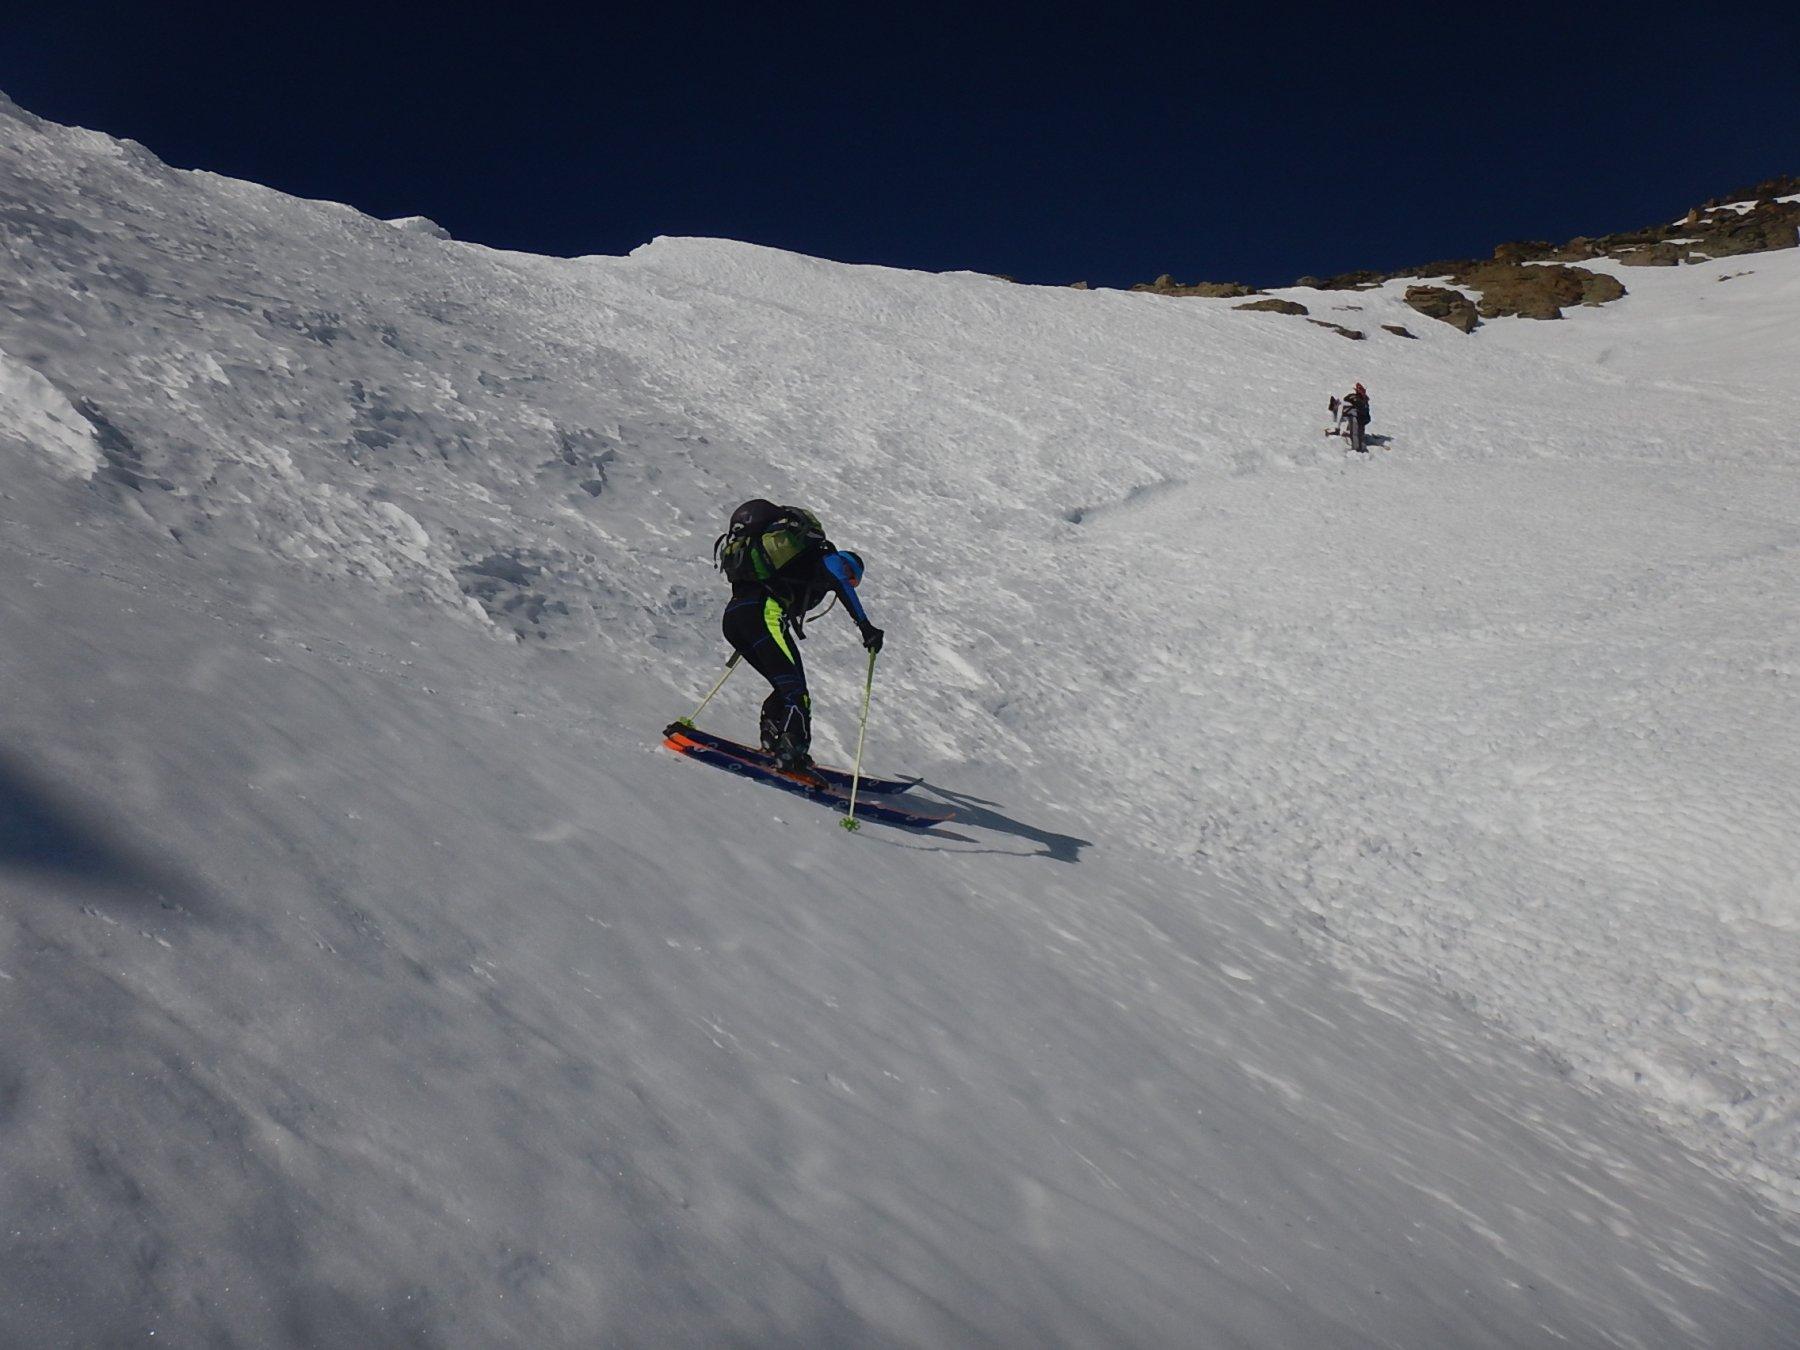 Rampa finale fatta con gli sci...ma solo dai più coraggiosi